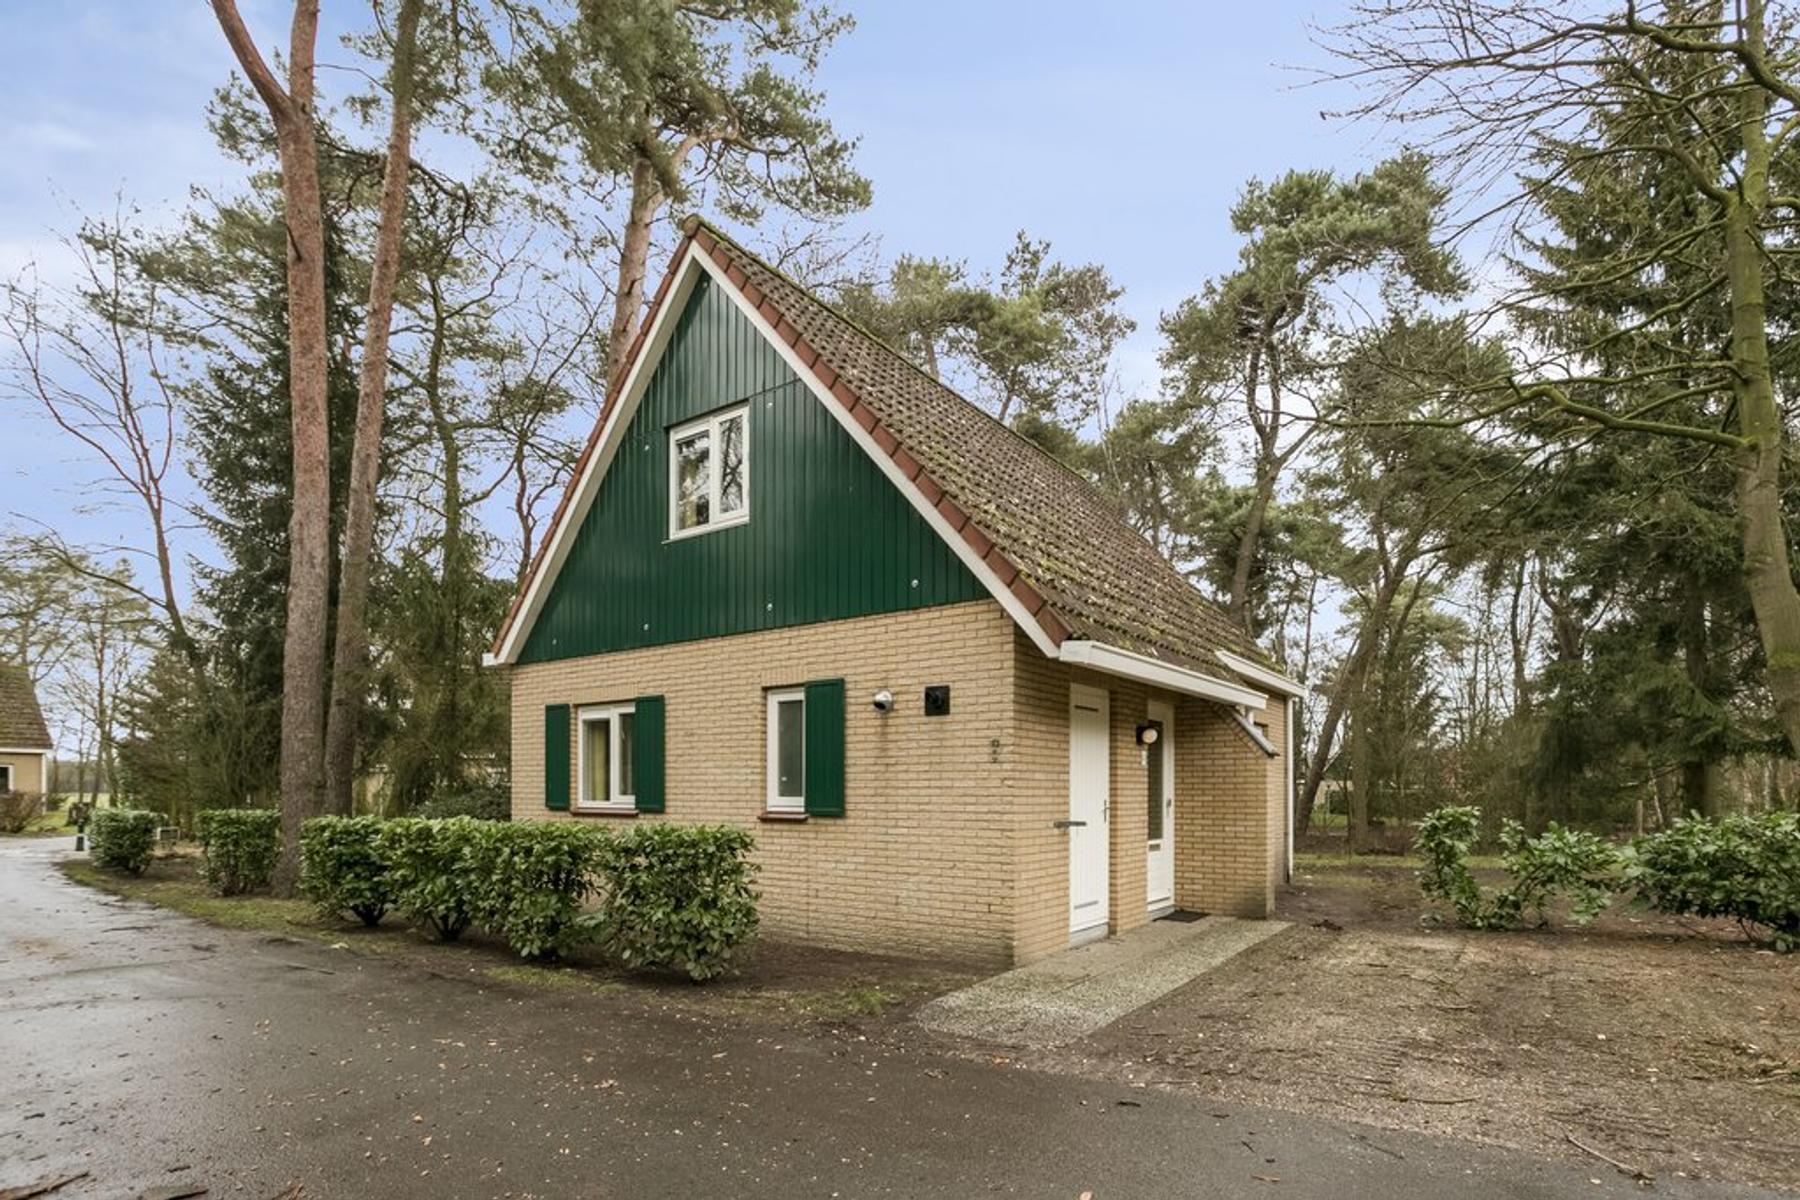 Westelbeersedijk 6 R113 in Diessen 5087 TK